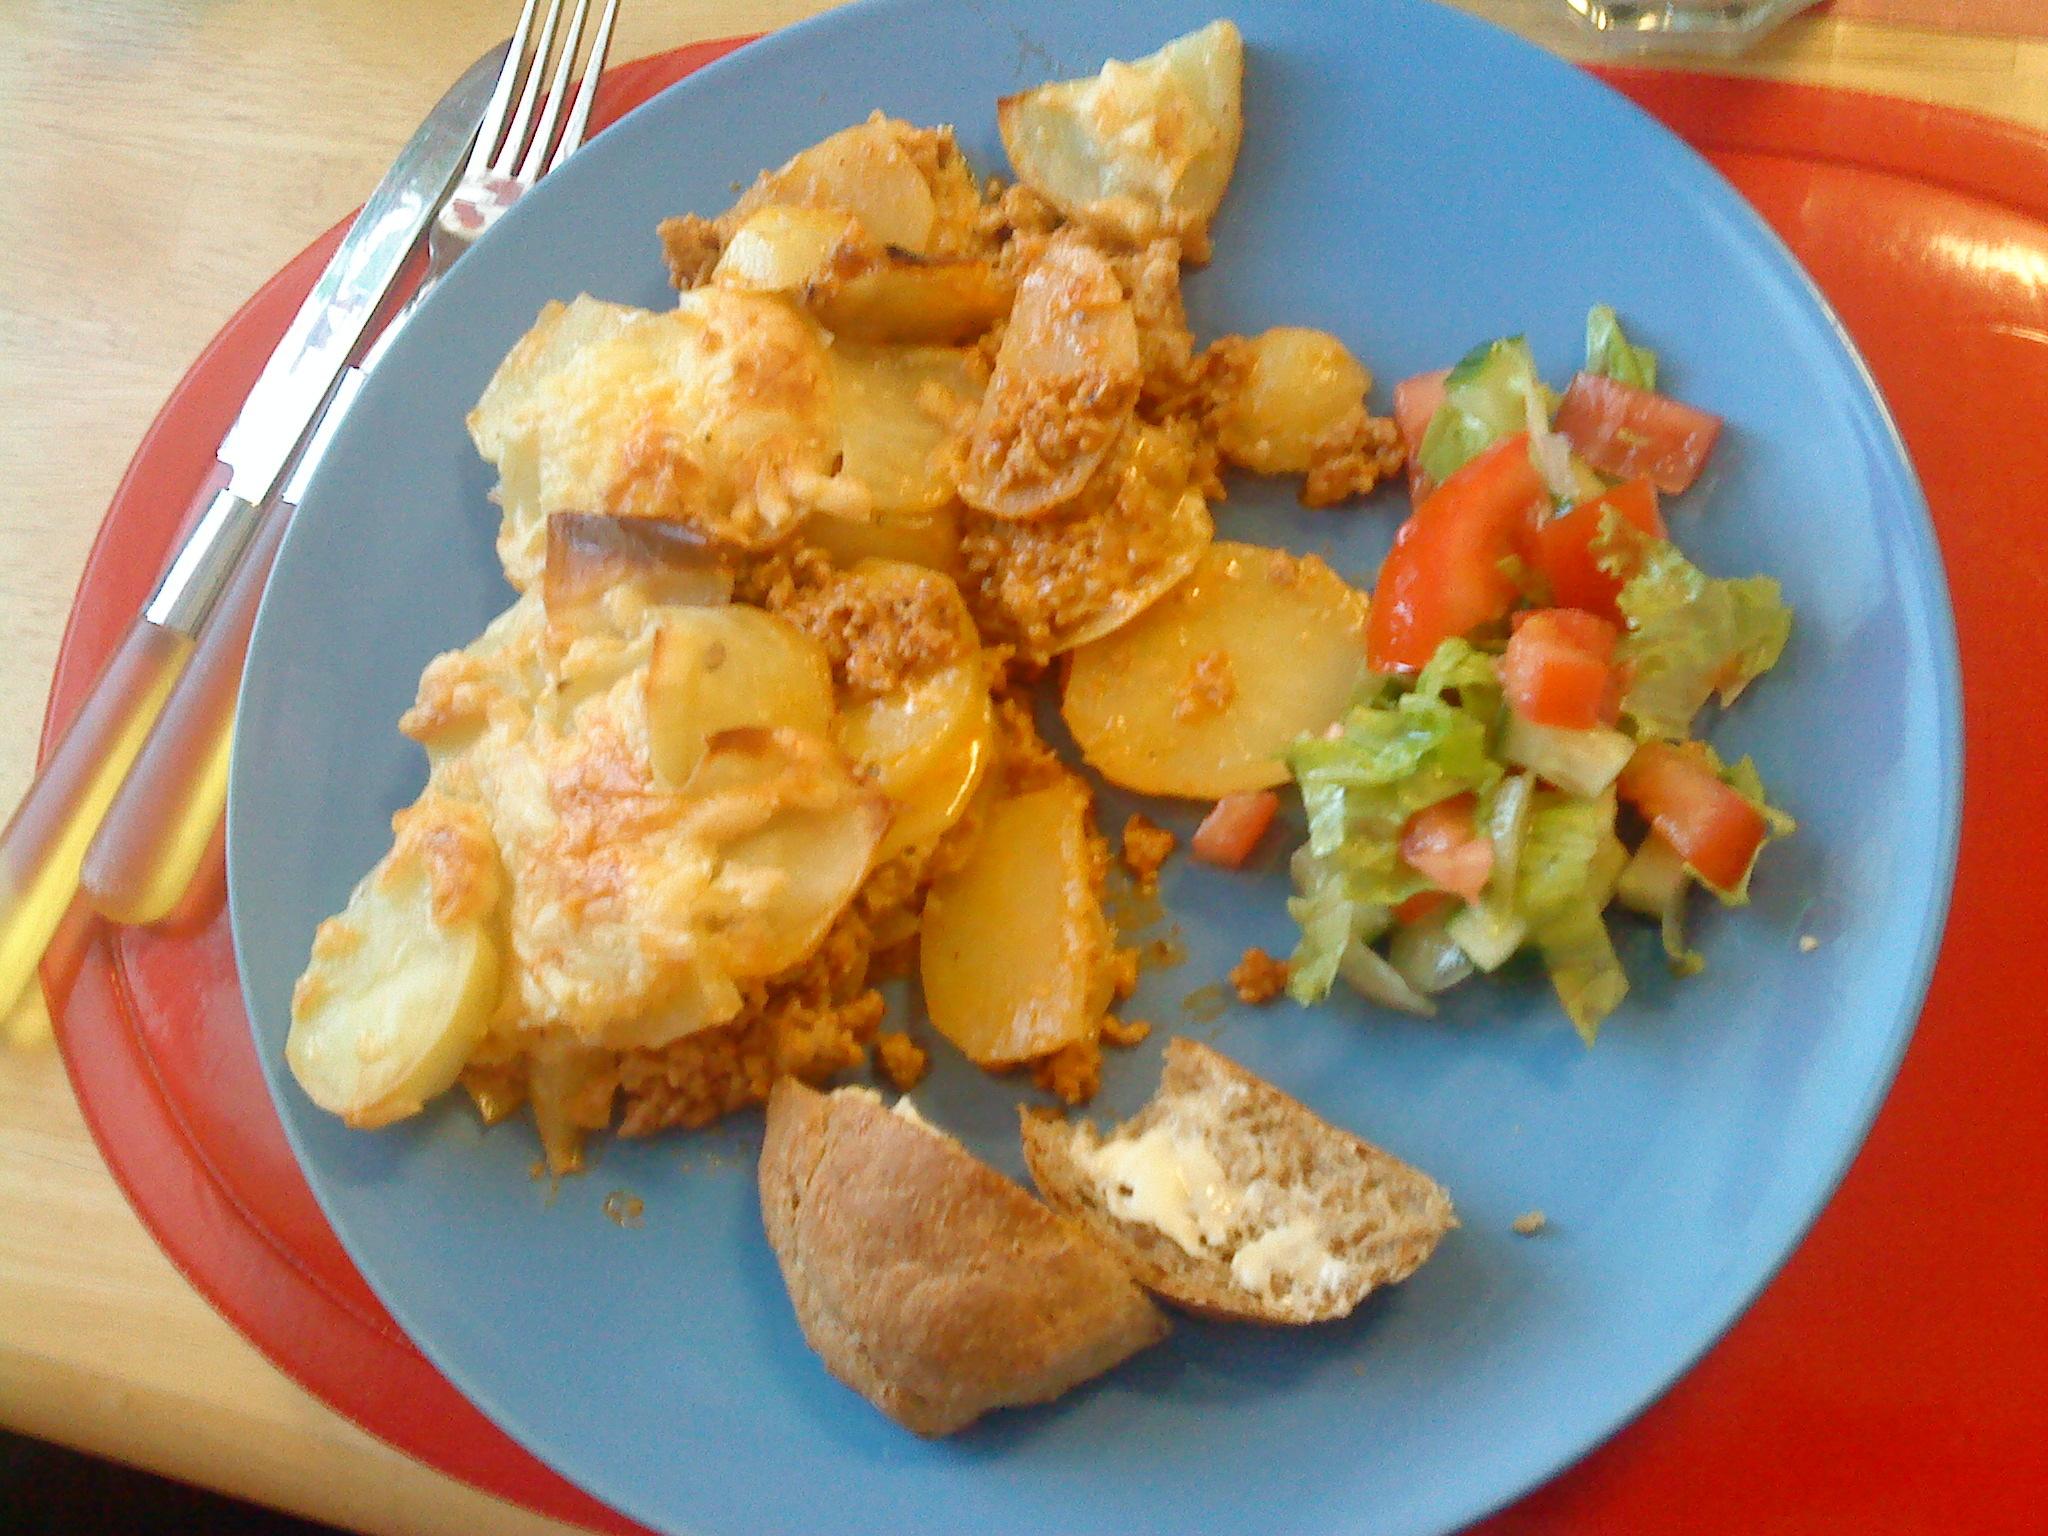 Enkel potatis- och köttfärsgratäng